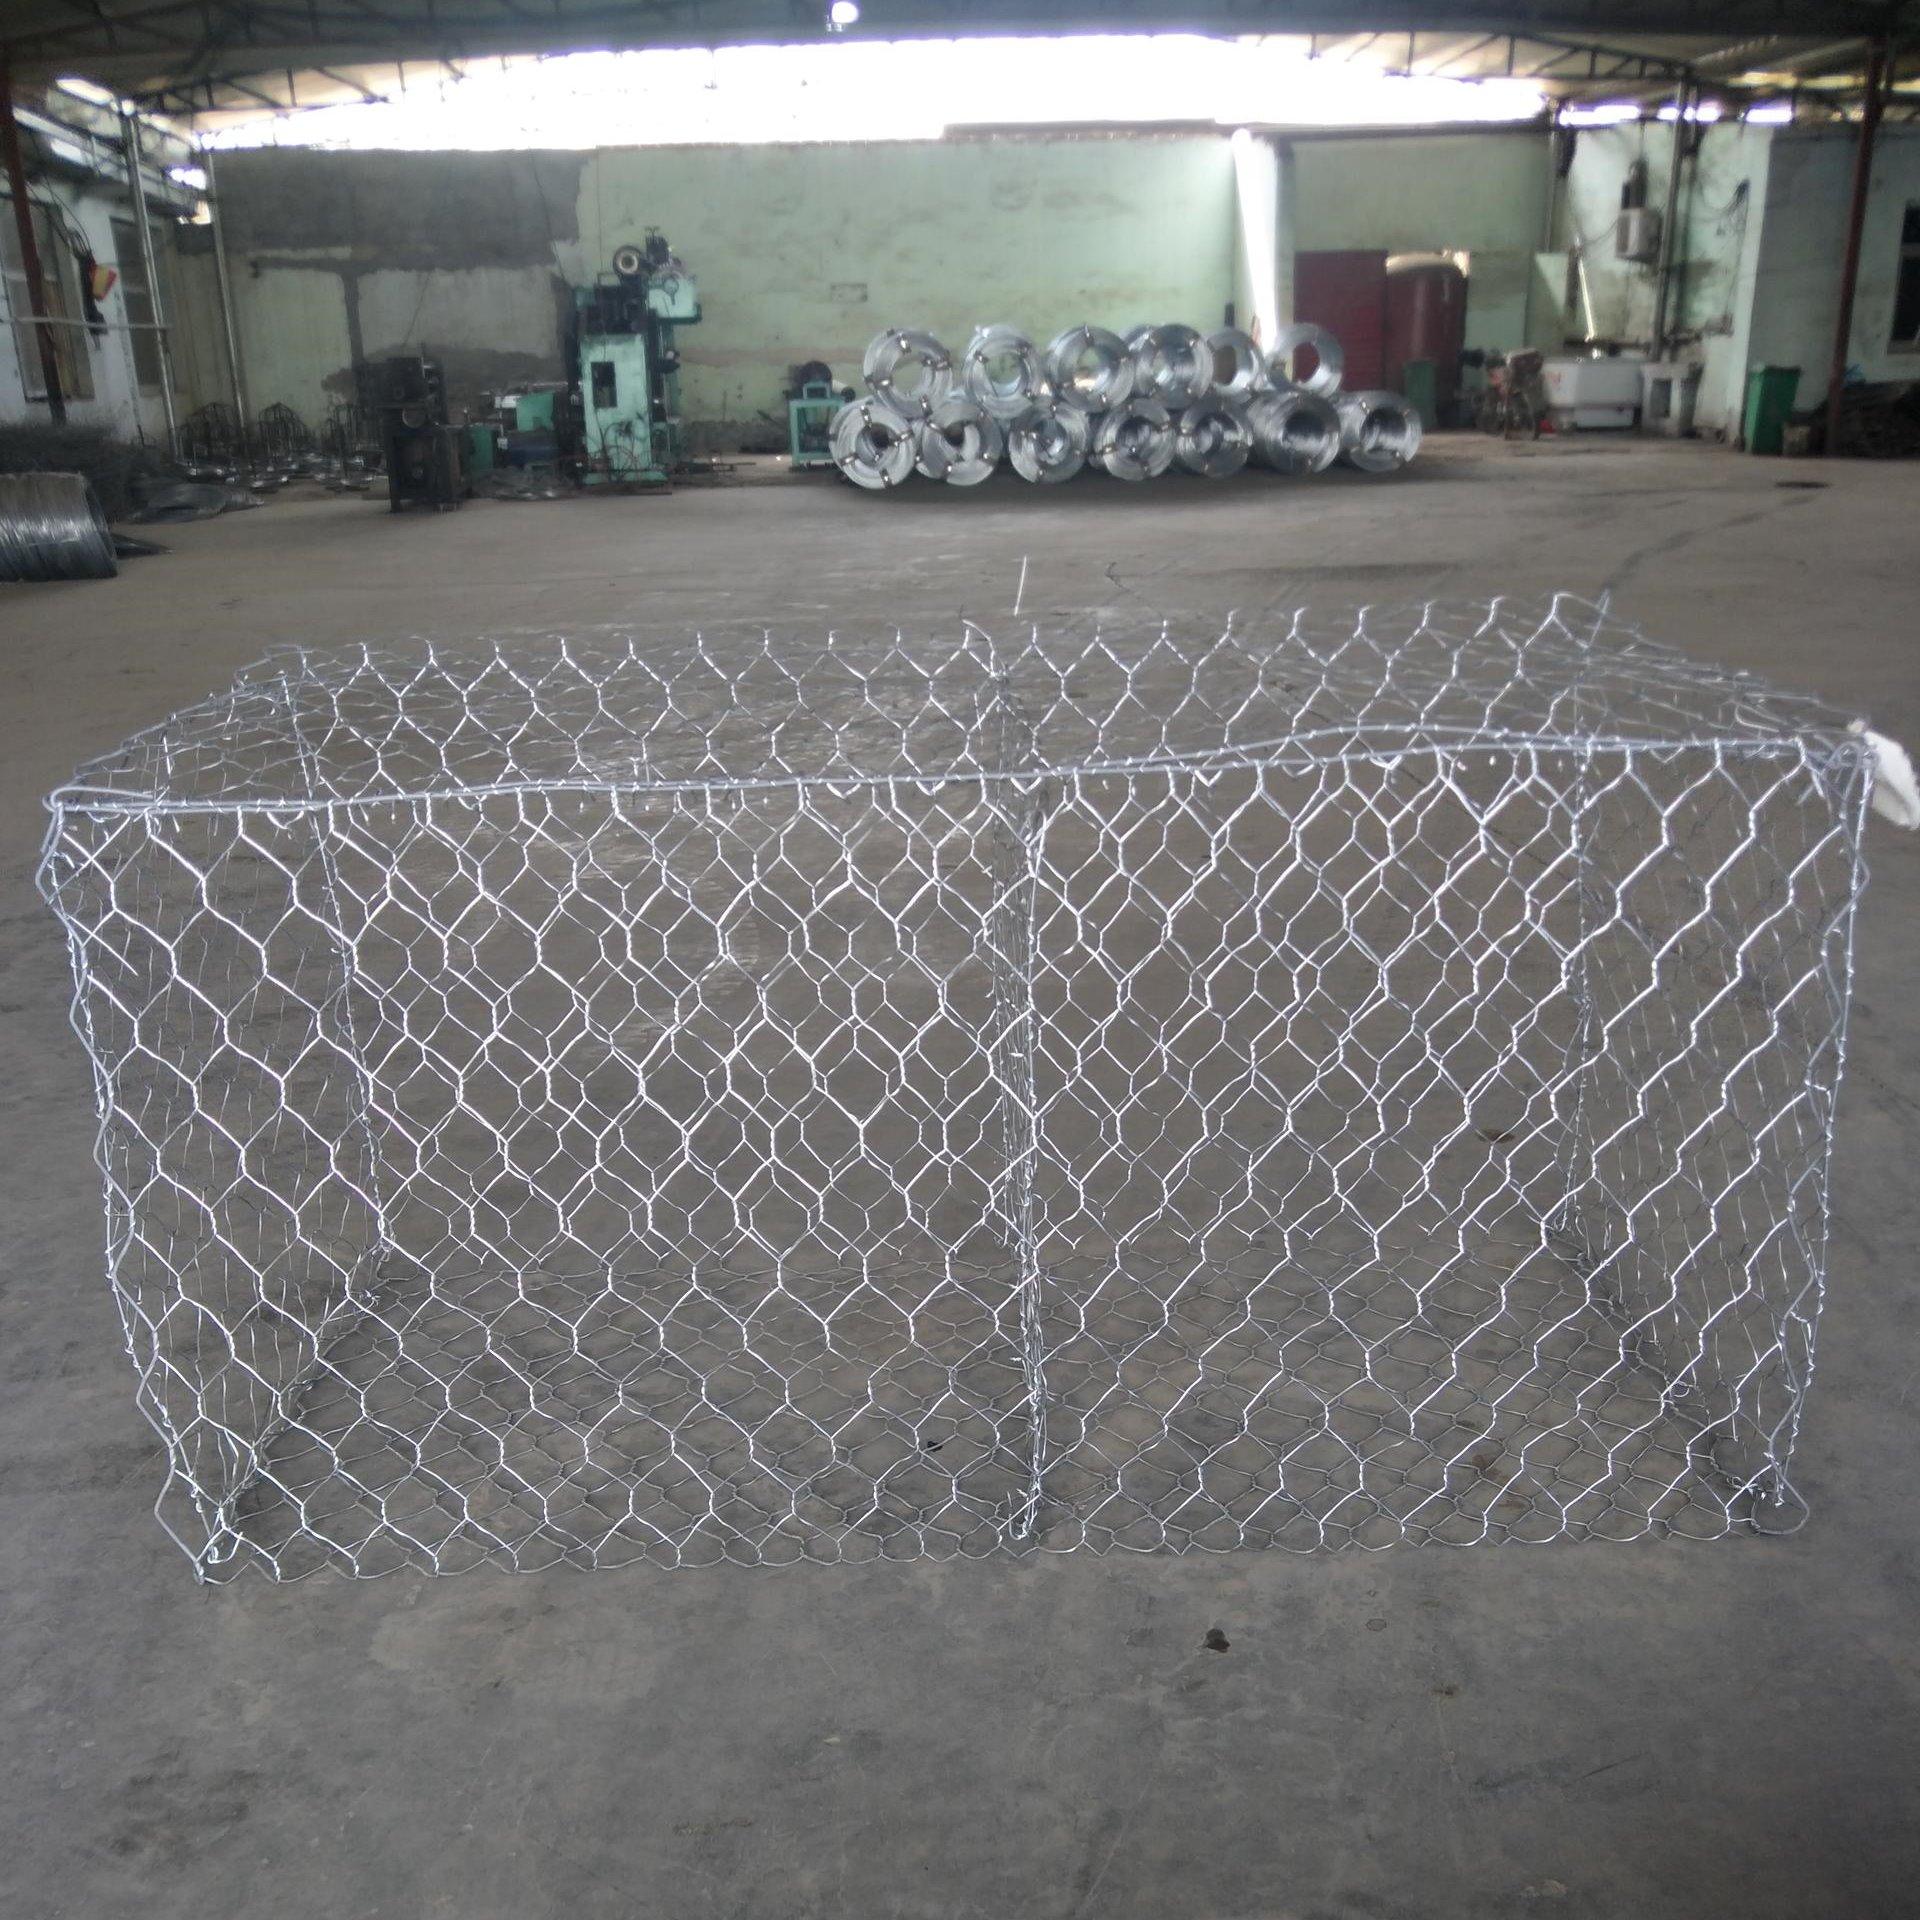 泰同石笼网厂家生产:固滨笼网箱,尺寸2×1×1,原材料采用:铝锌钢丝,镀锌层达:260克/m2